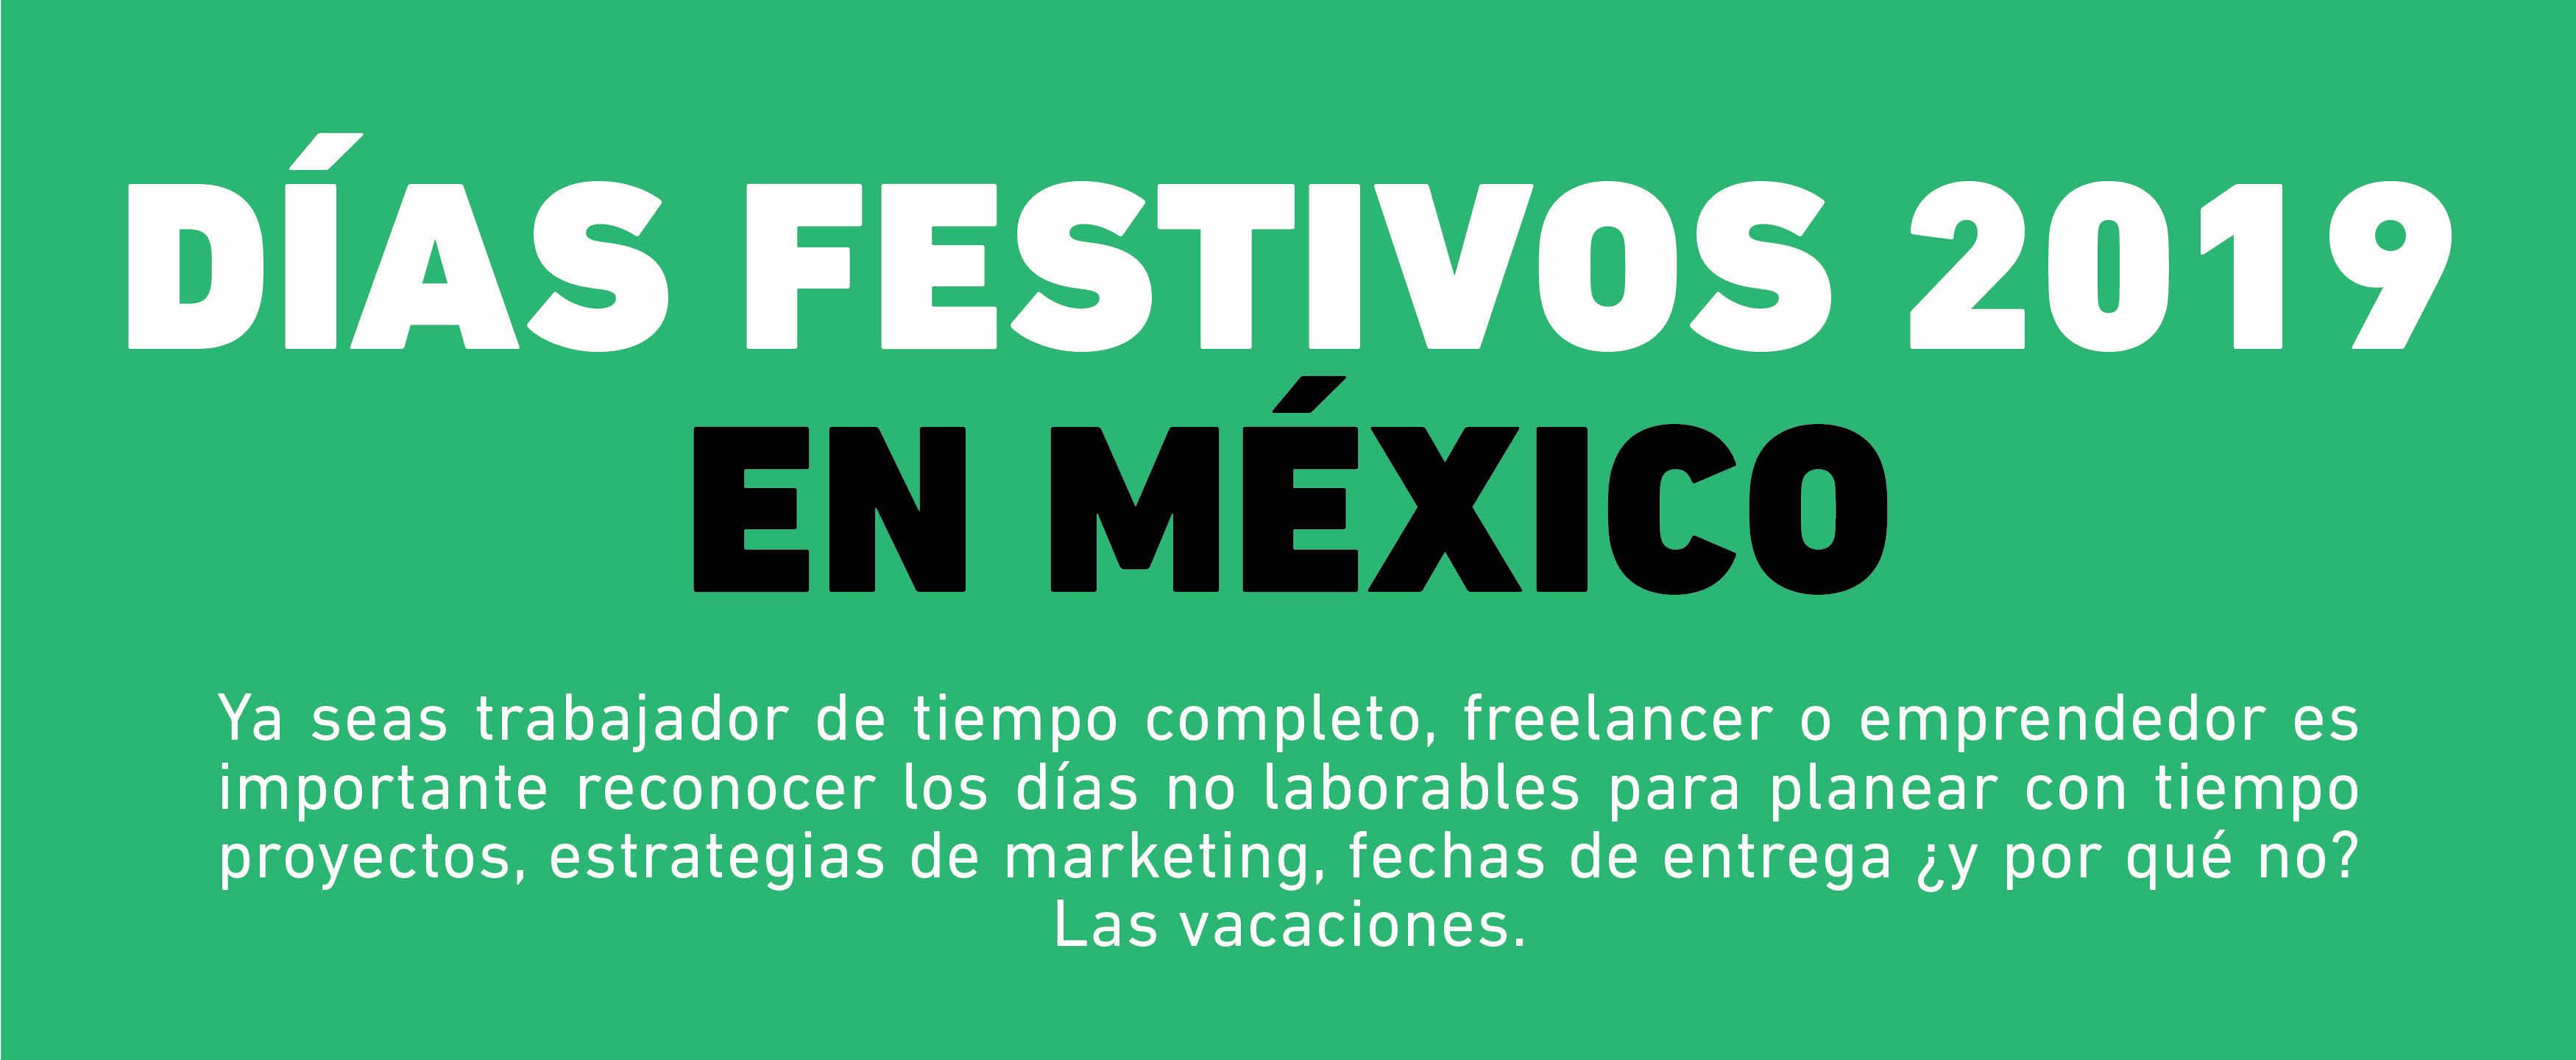 Ya sea para planear proyectos, fechas de entrega o para cualquier otra cosa, es importante que todos conozcamos los Días Festivos 2019 en México.